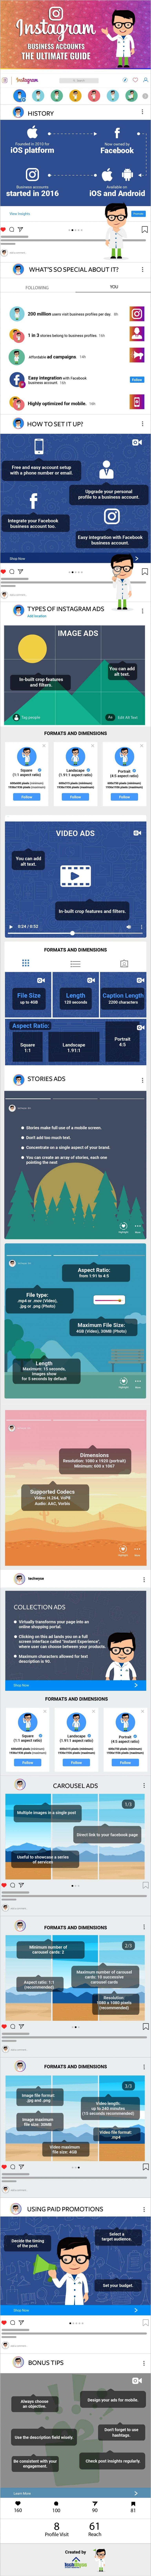 Infographic van TechWyse over adverteren op Instagram.